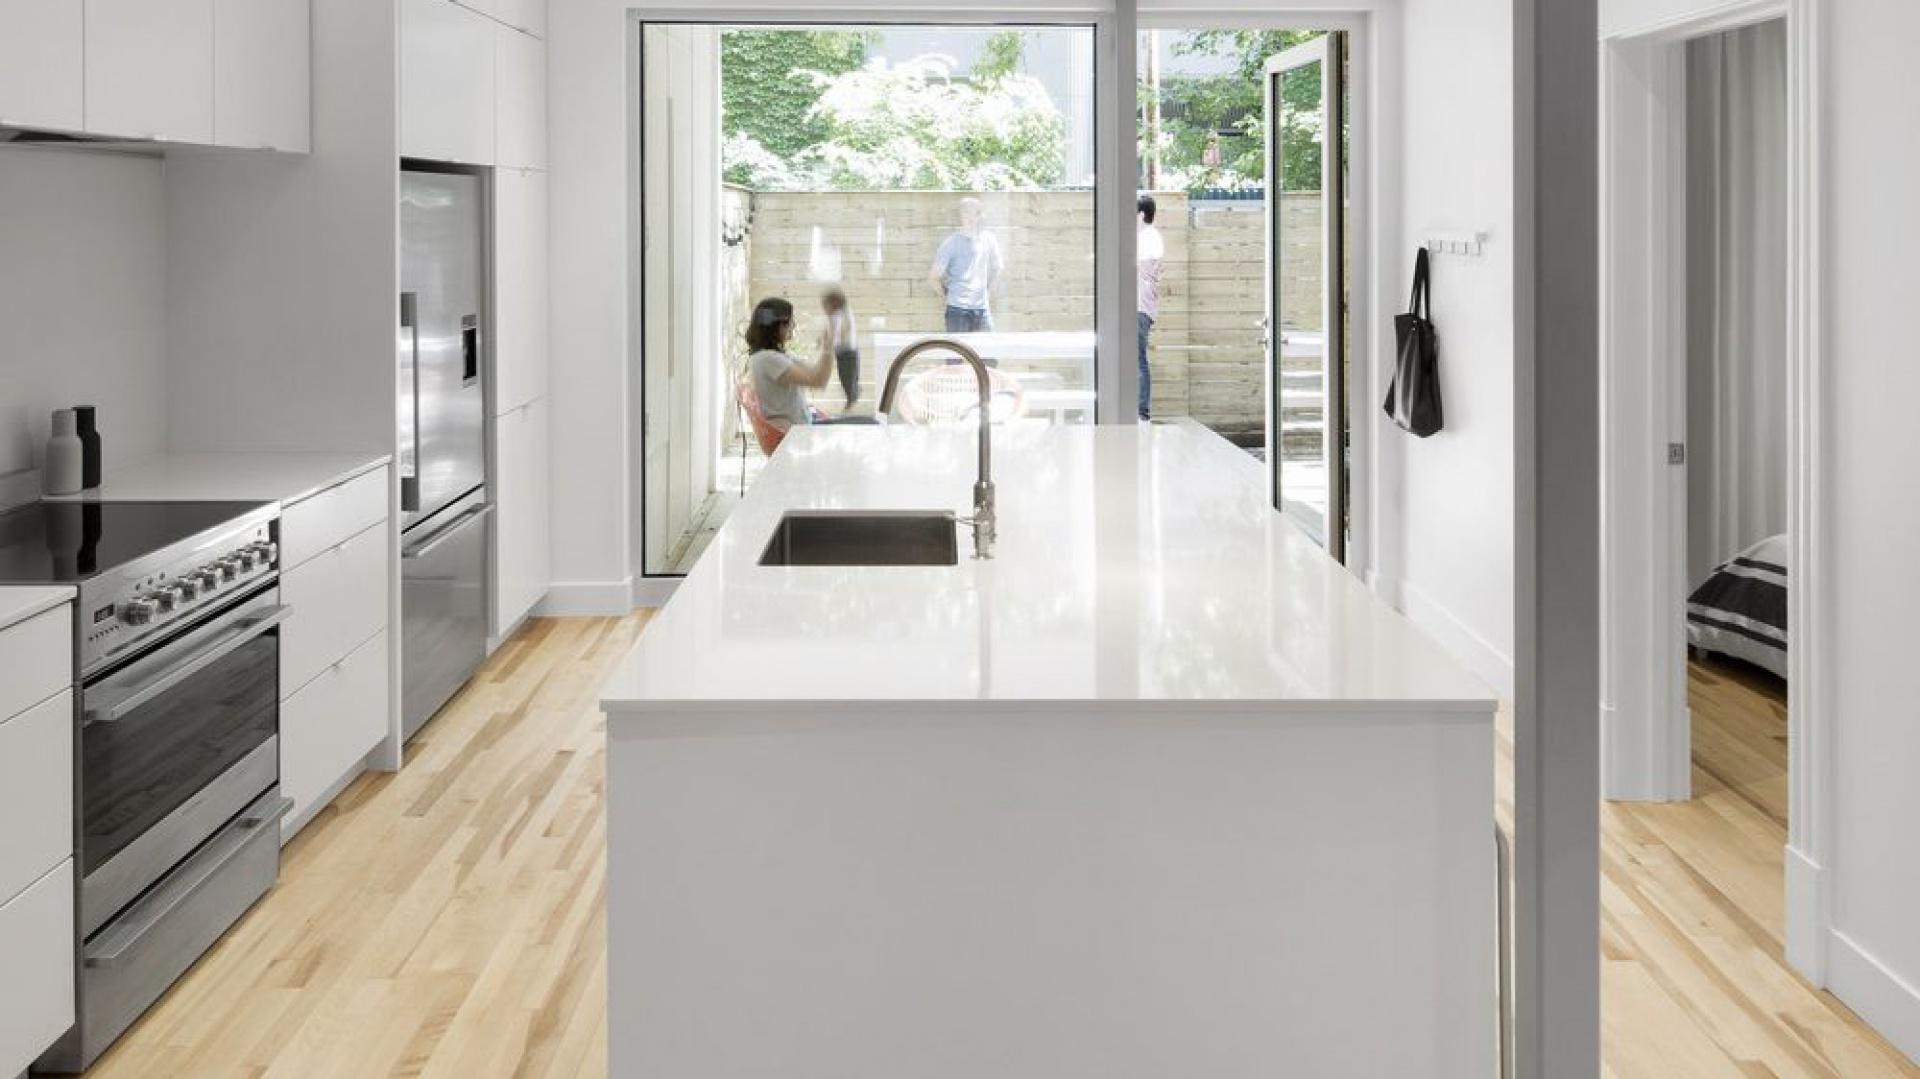 Kuchnię od kameralnego patio oddzielają duże, panoramiczne przeszklenia. Projekt: Bourgeois / Lechasseur Architects. Fot. Adrien Williams.